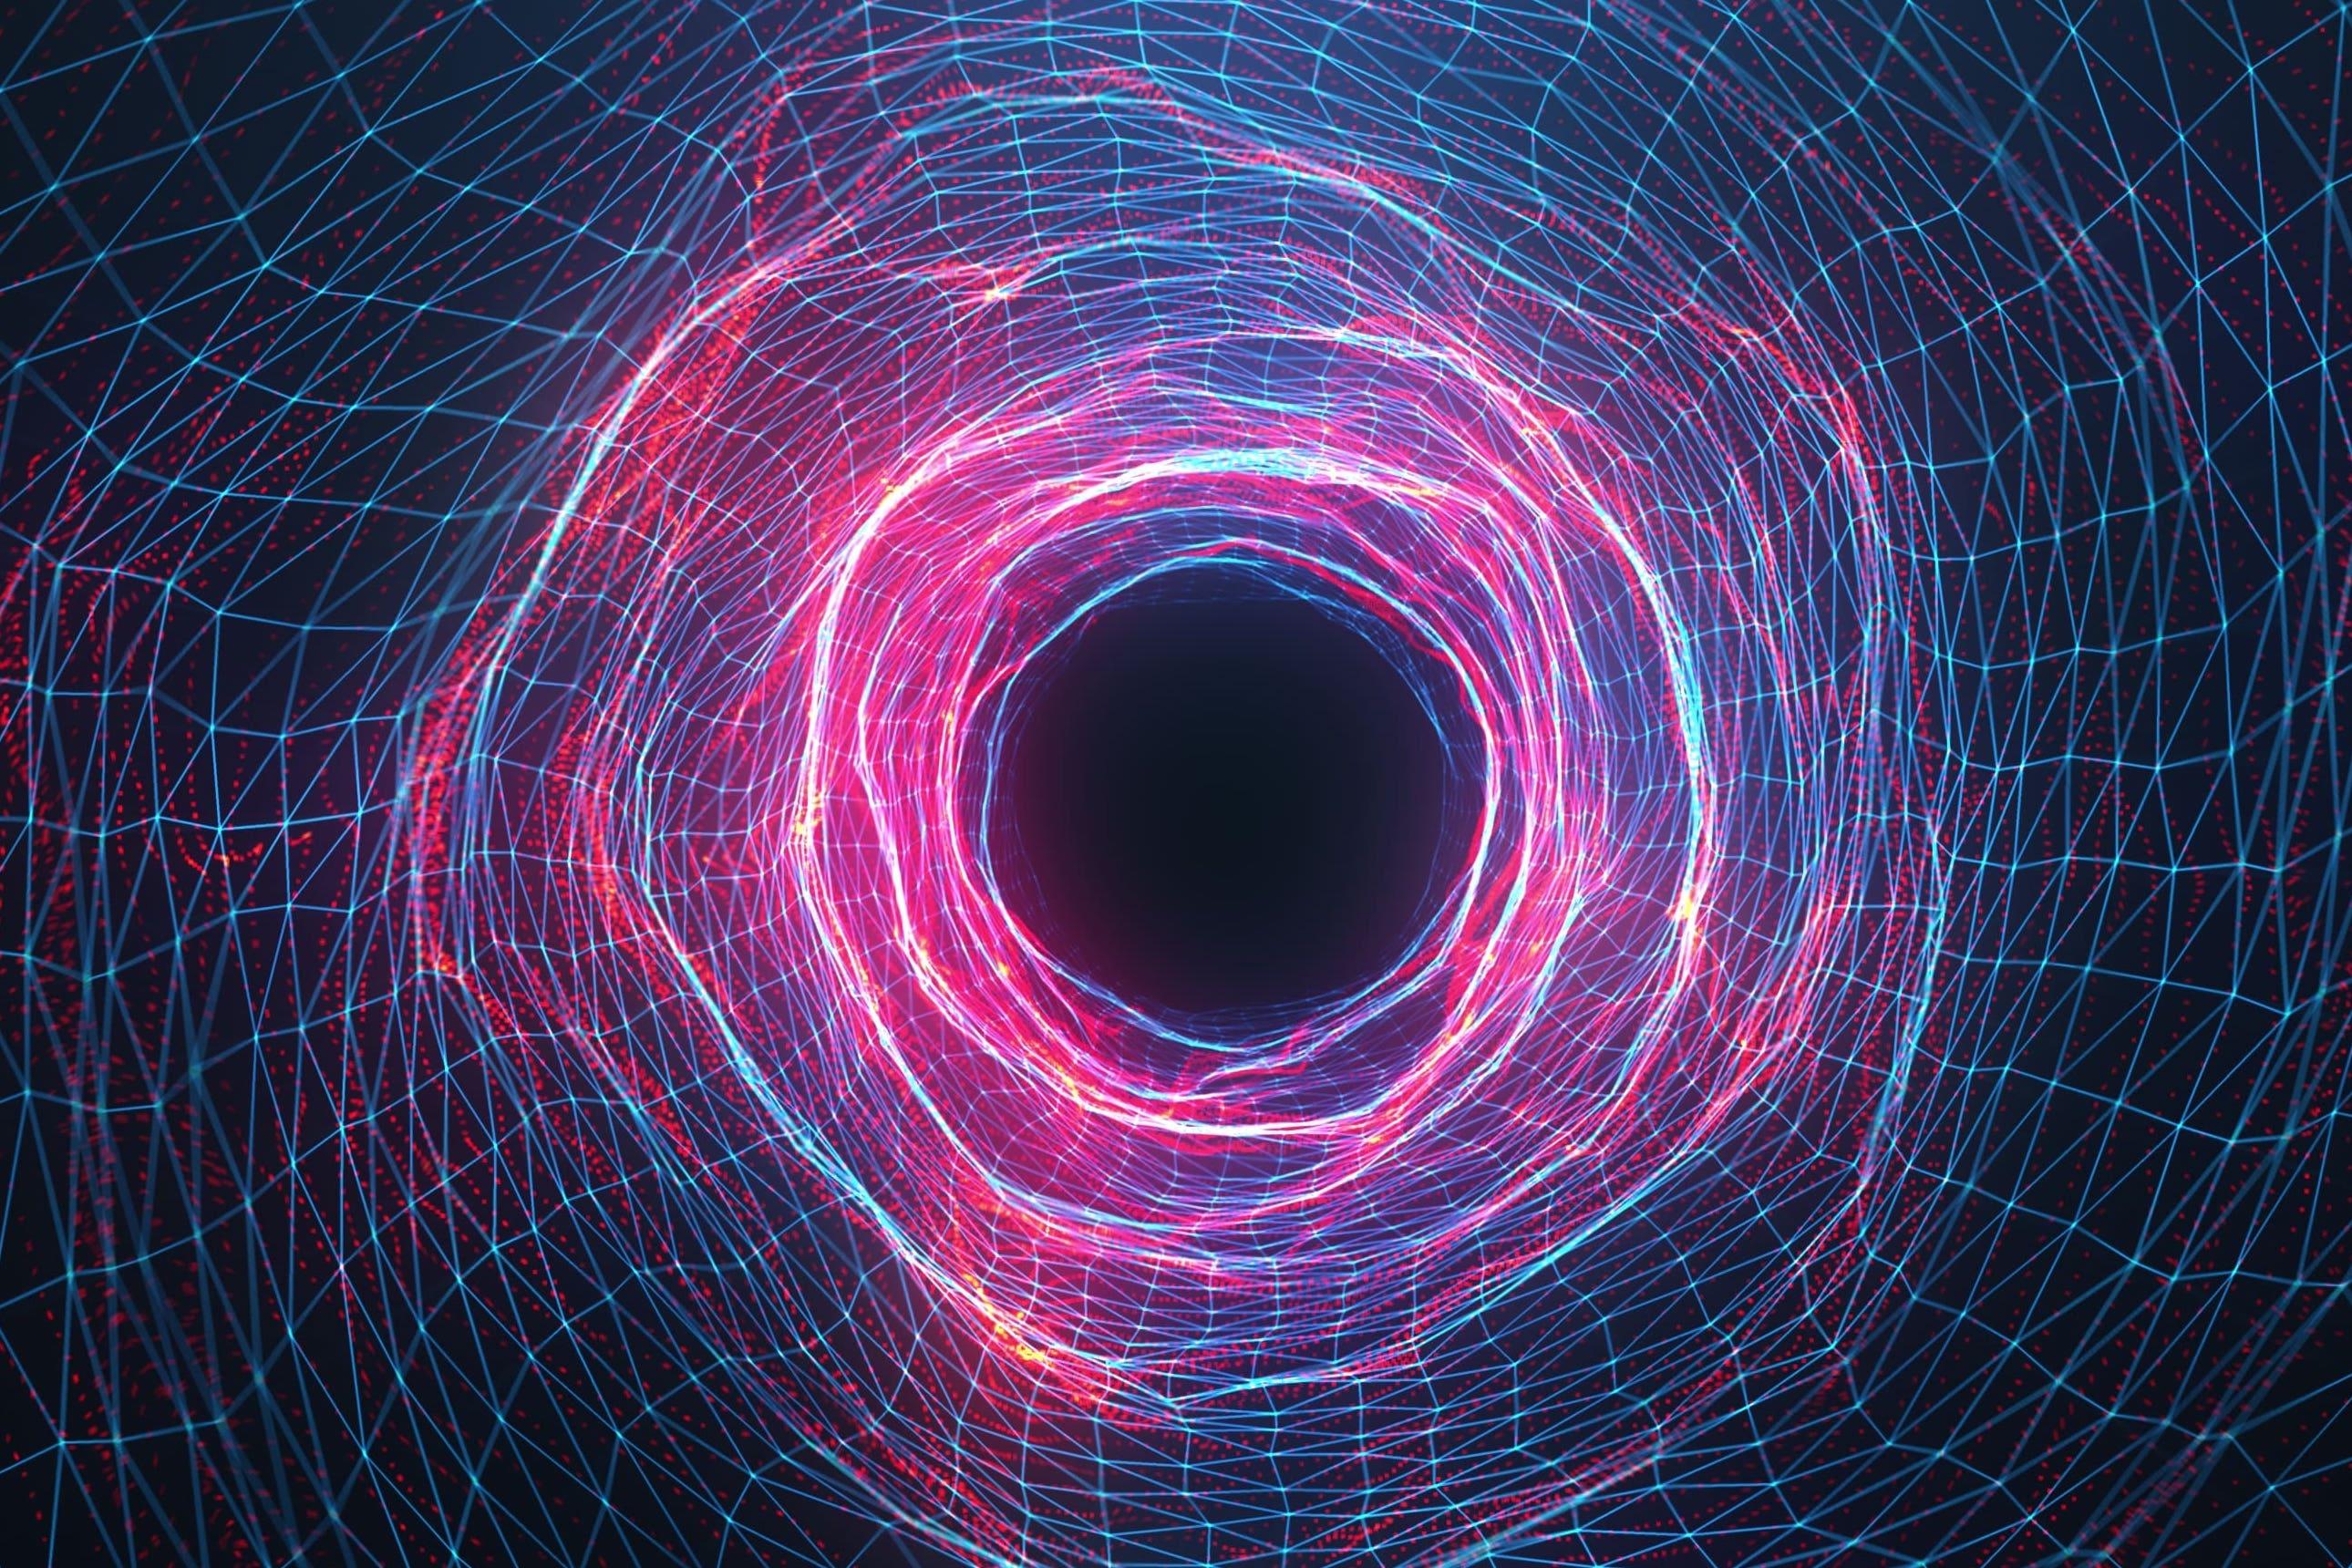 Биометрические технологии в офлайн-ритейле: аналитика, лояльность, безопасность, биоэквайринг